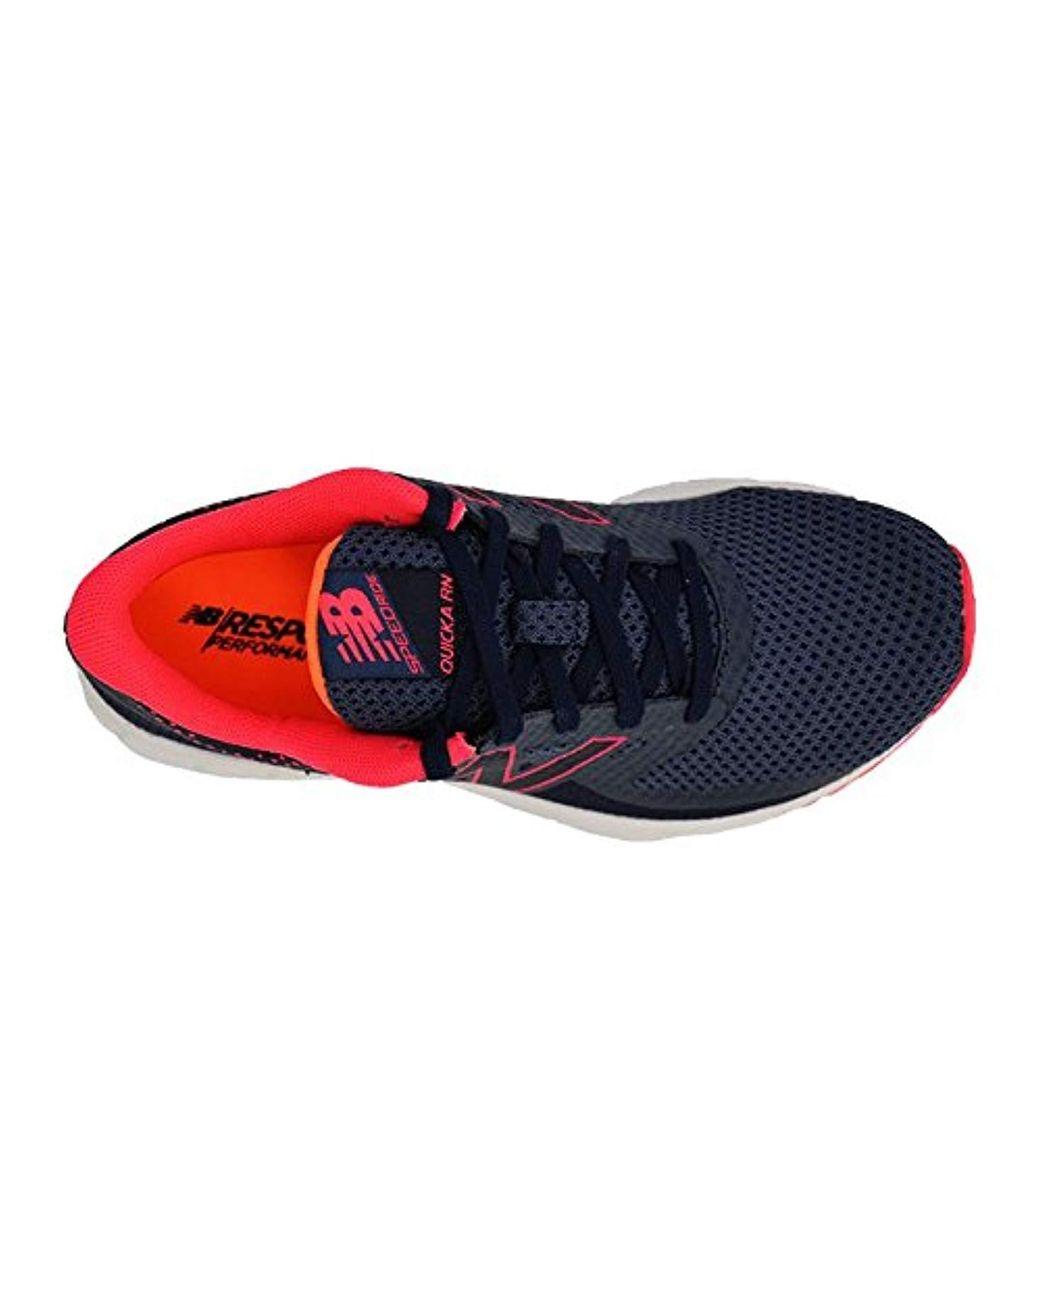 chaussures de running homme new balance quicka rn